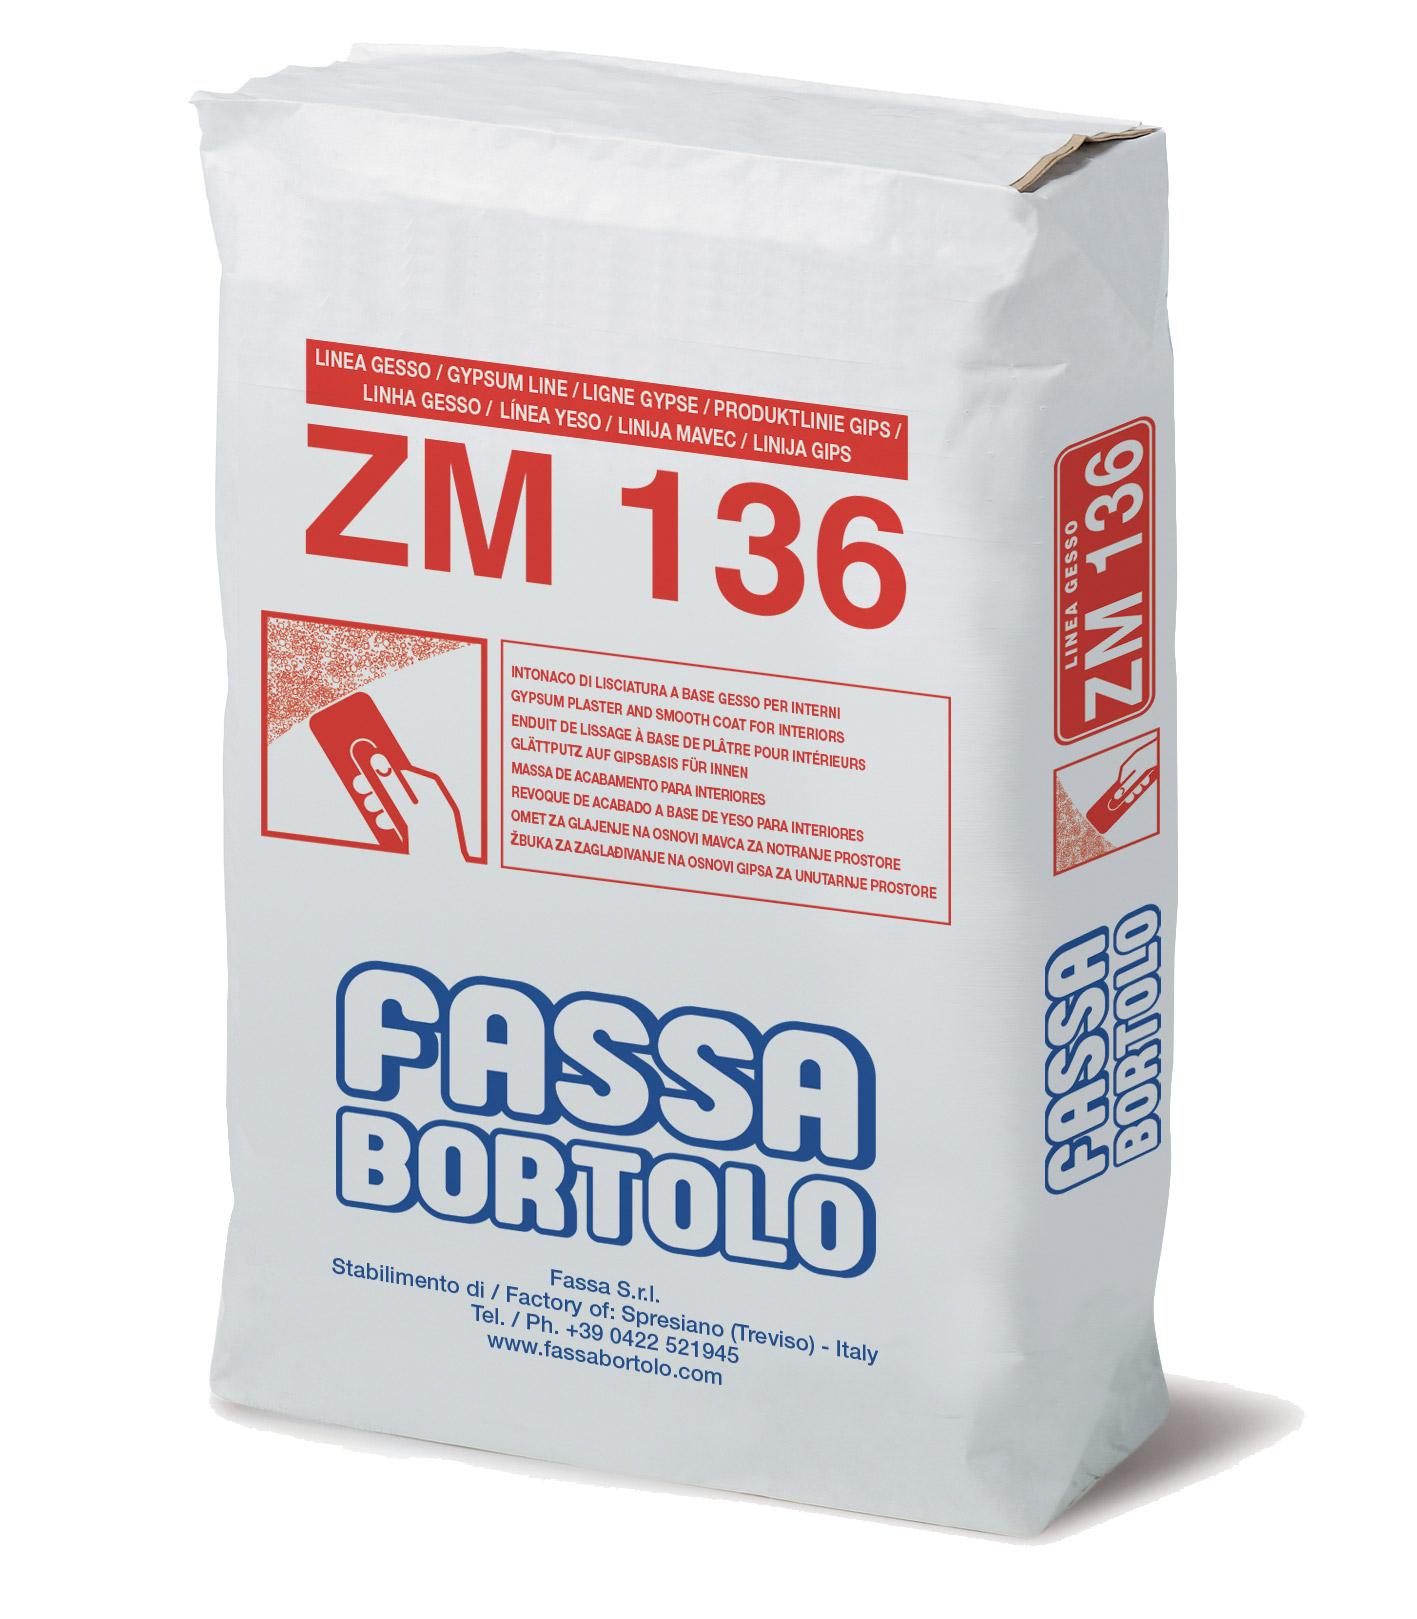 ZM 136: Intonaco e lisciatura a base di gesso per interni